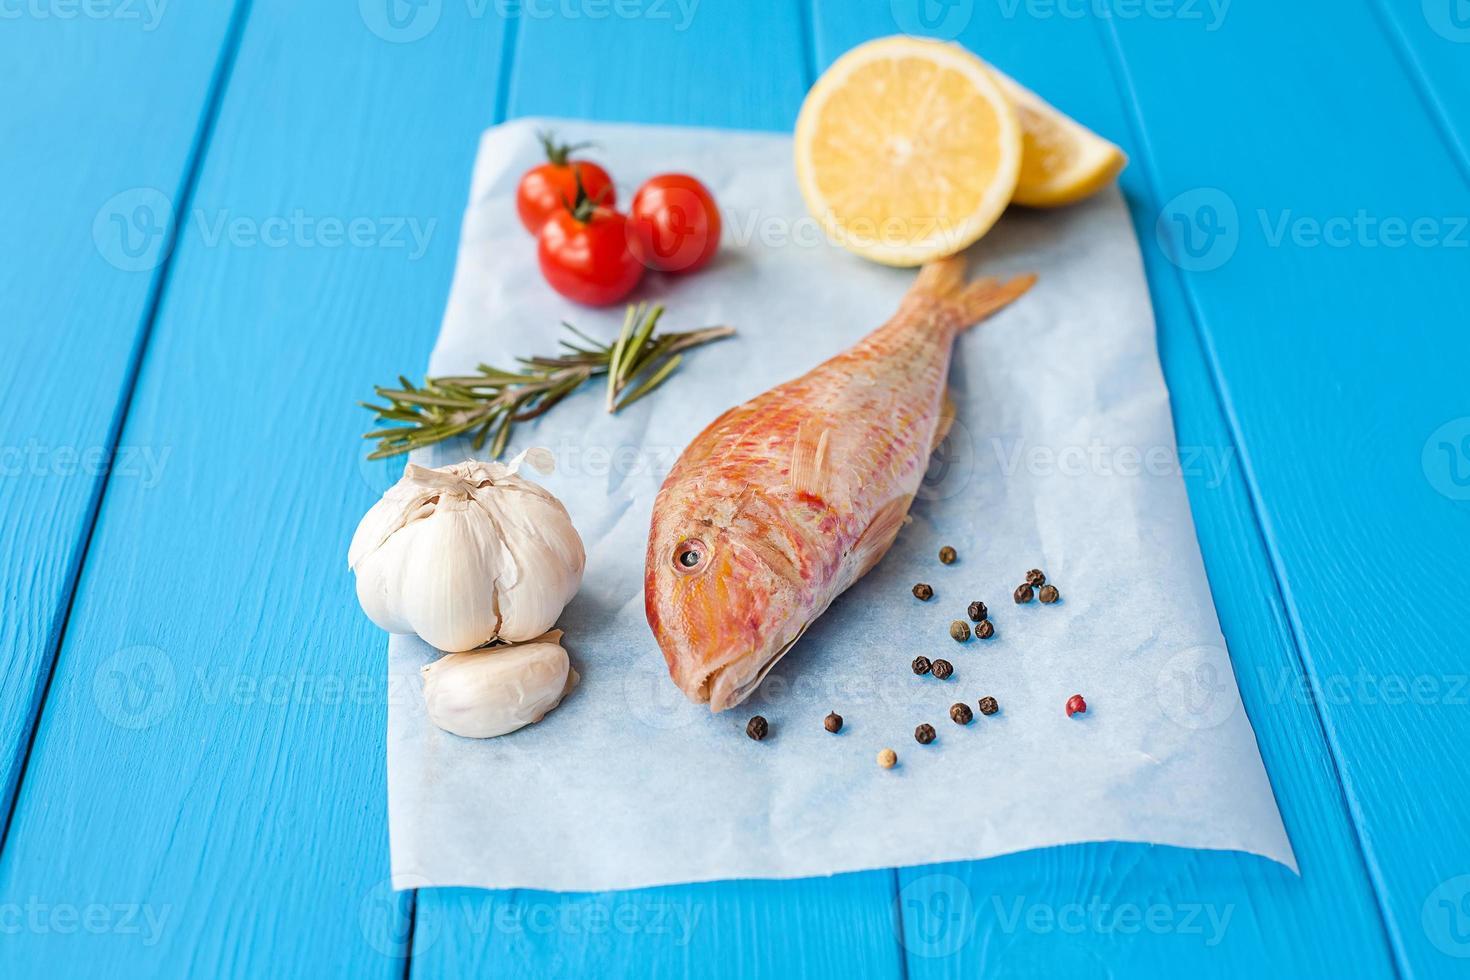 salmonete cru em pergaminho antes de cozinhar foto